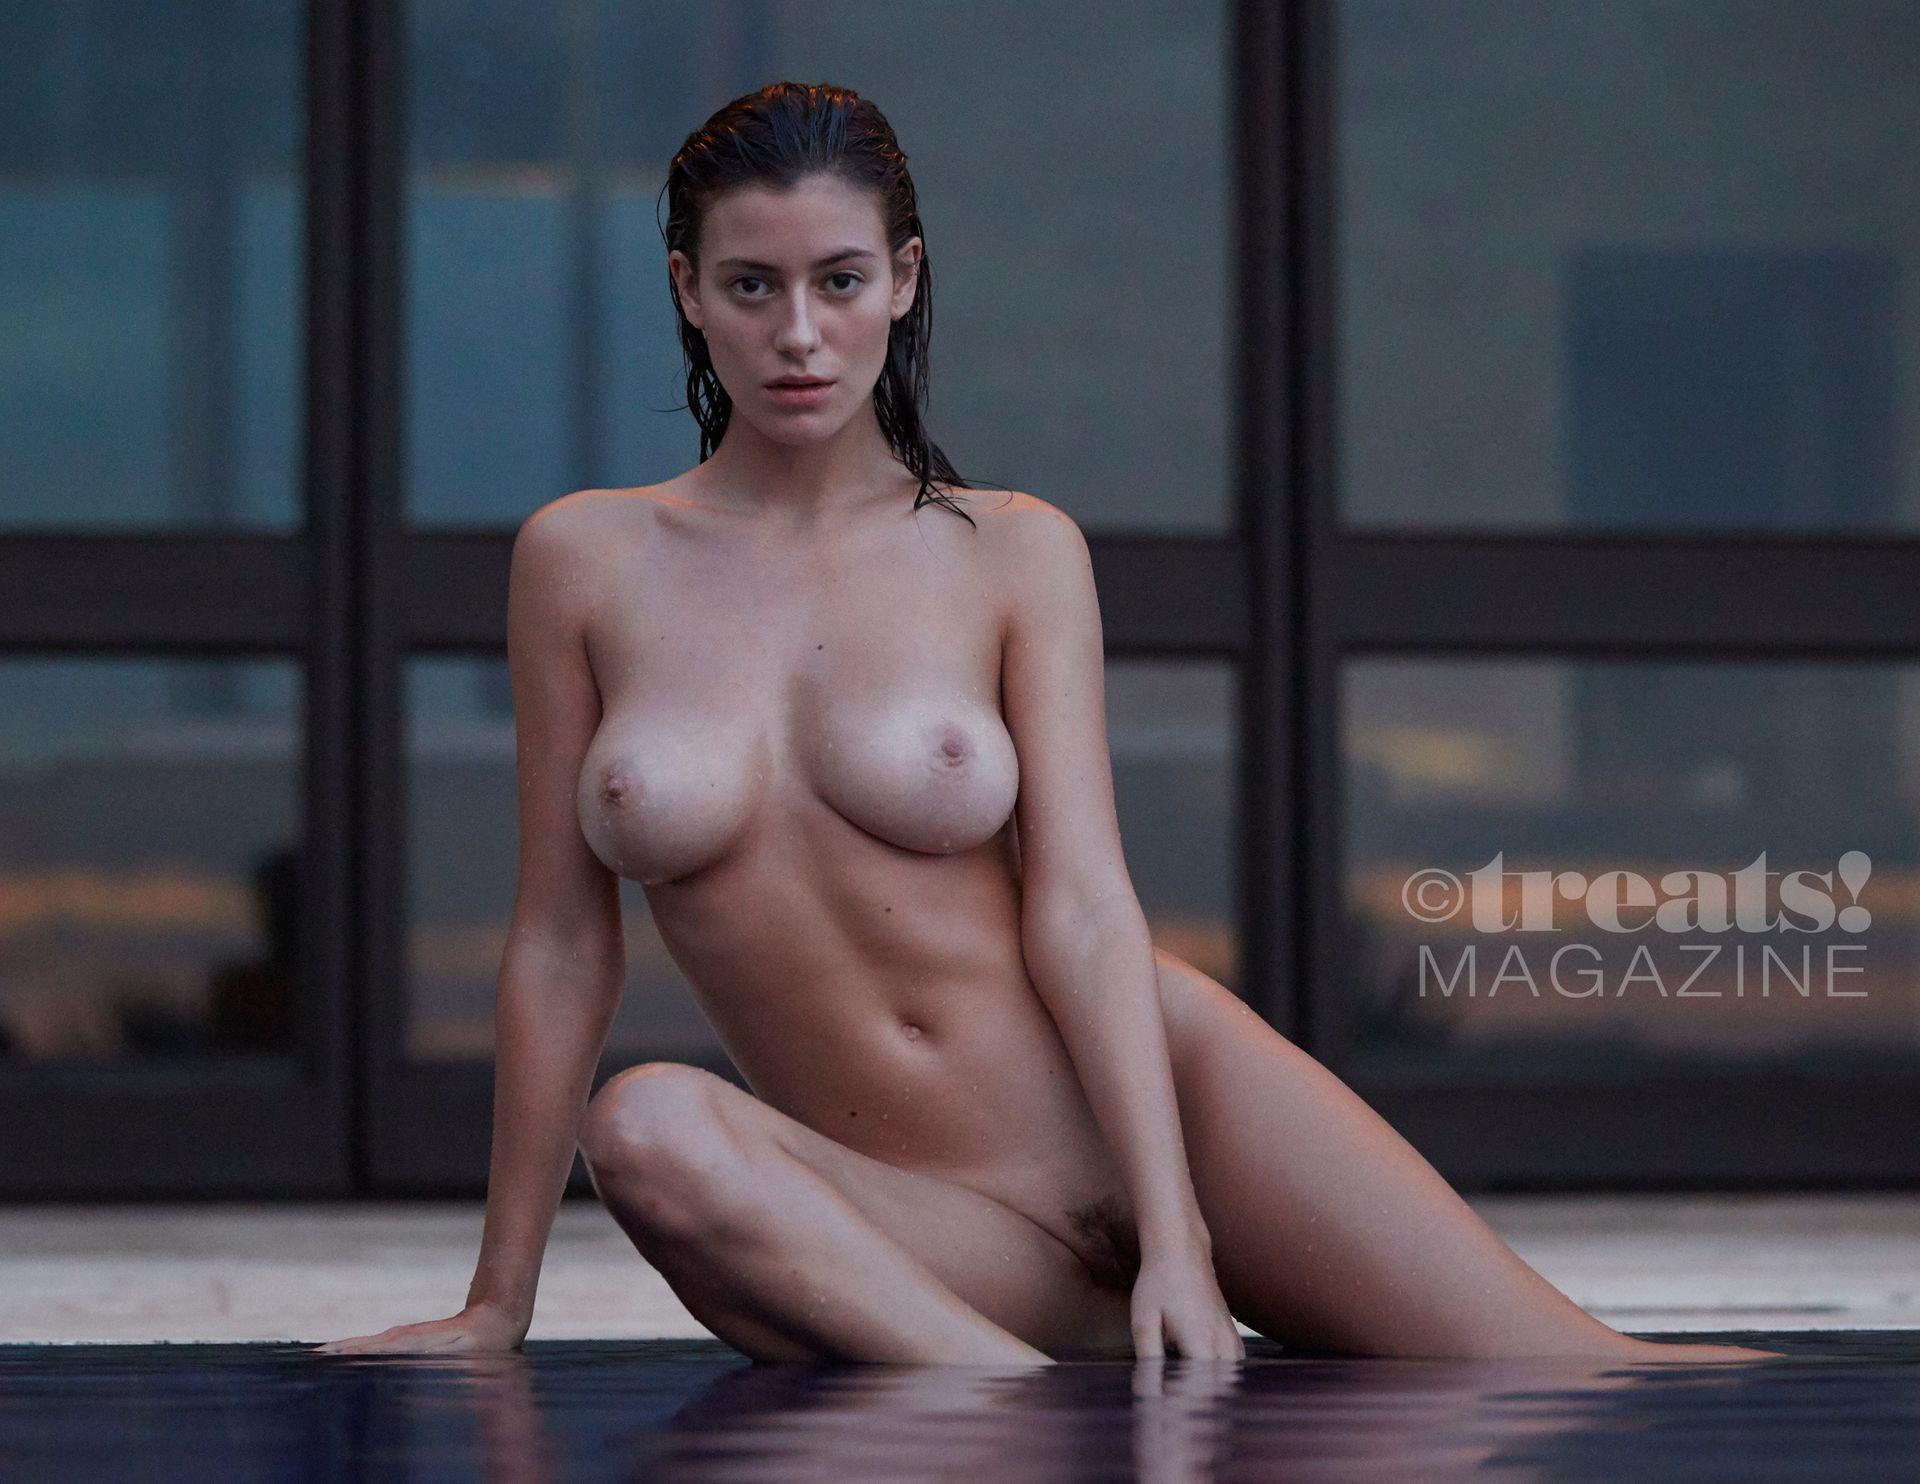 Alejandra-Guilmant-Nude-The-Fappening-Blog-6.jpg